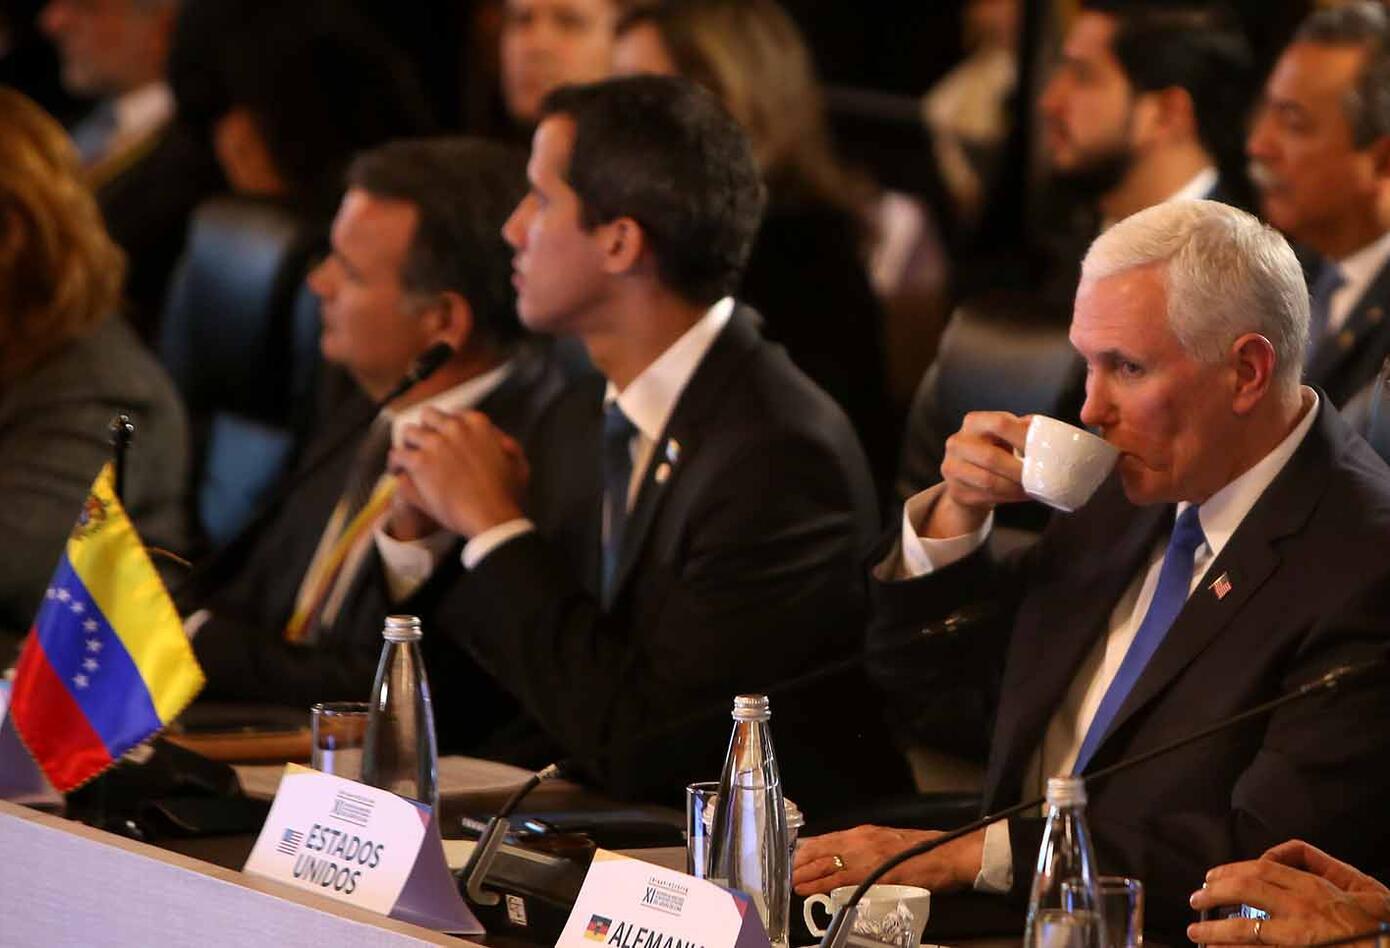 La reunión del Grupo de Lima fue promovida por el gobierno de Iván Duque.